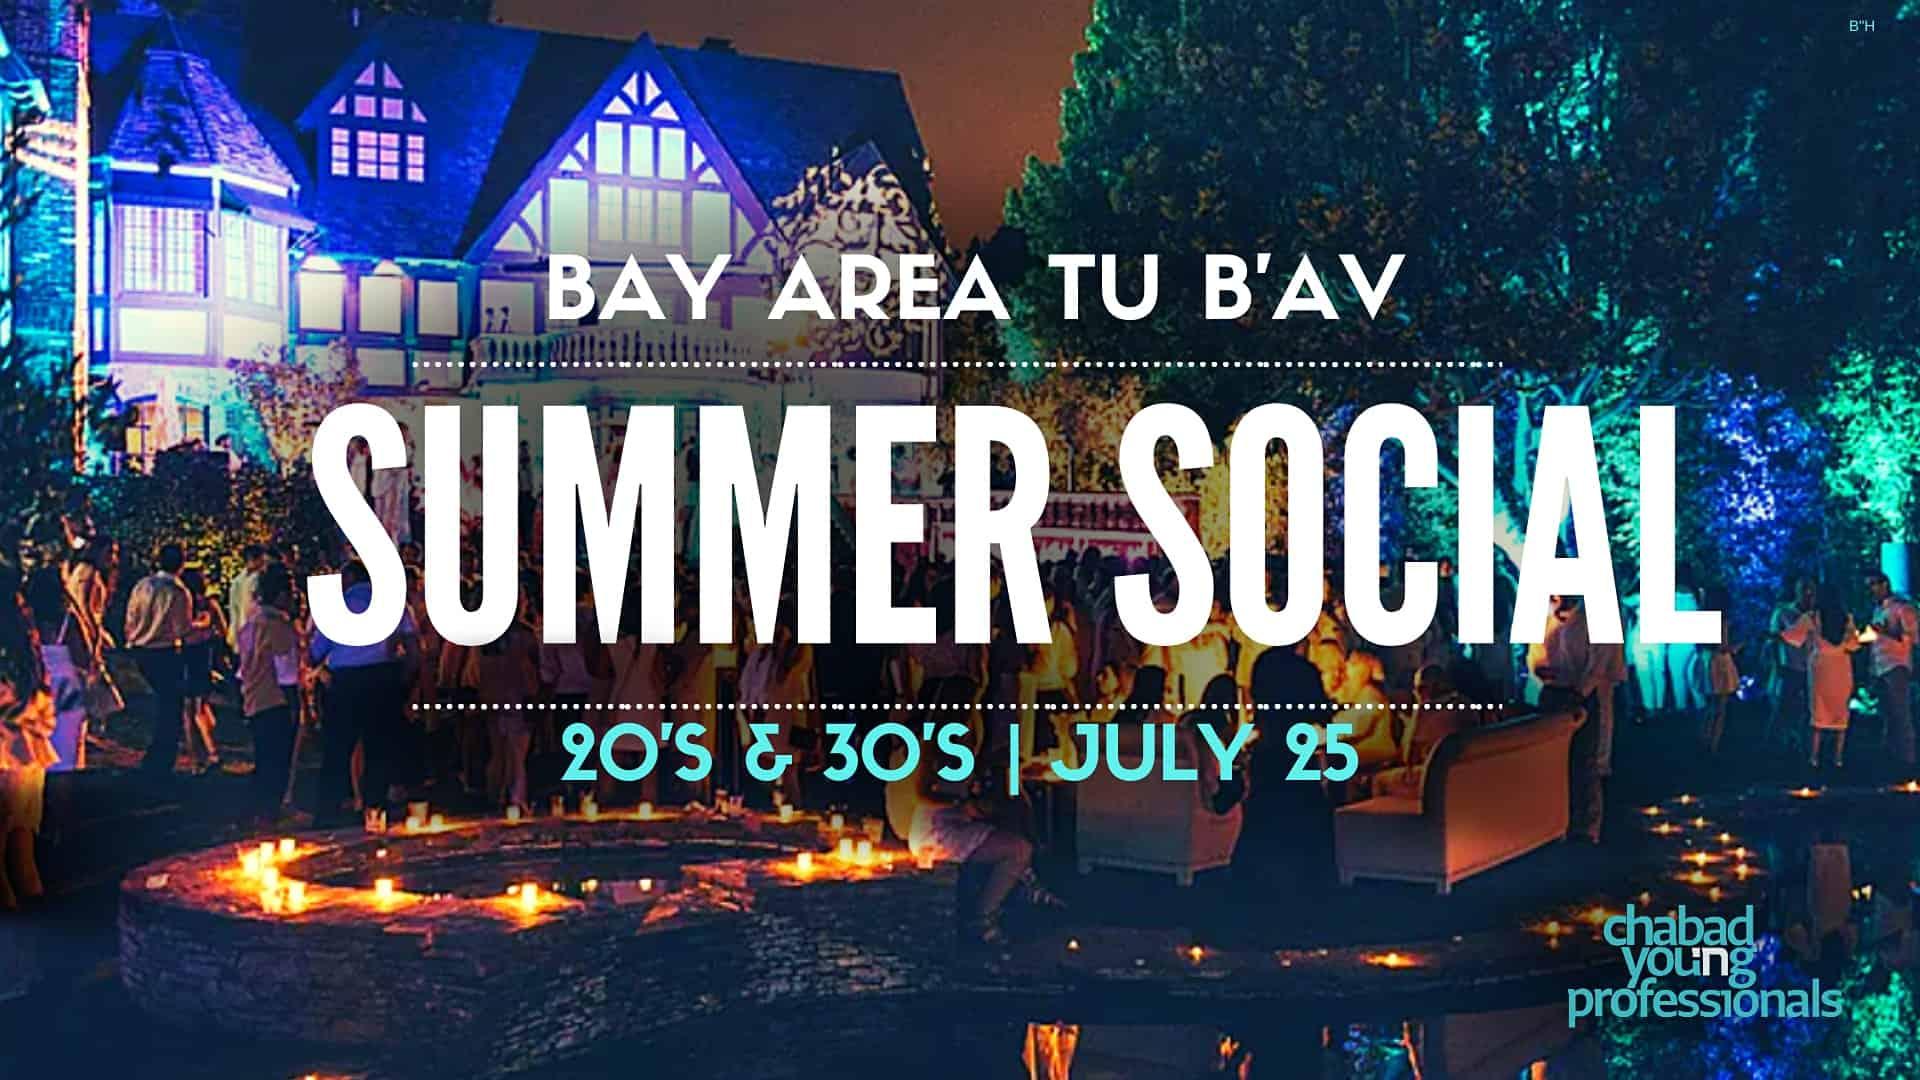 Tu B'av Summer Social